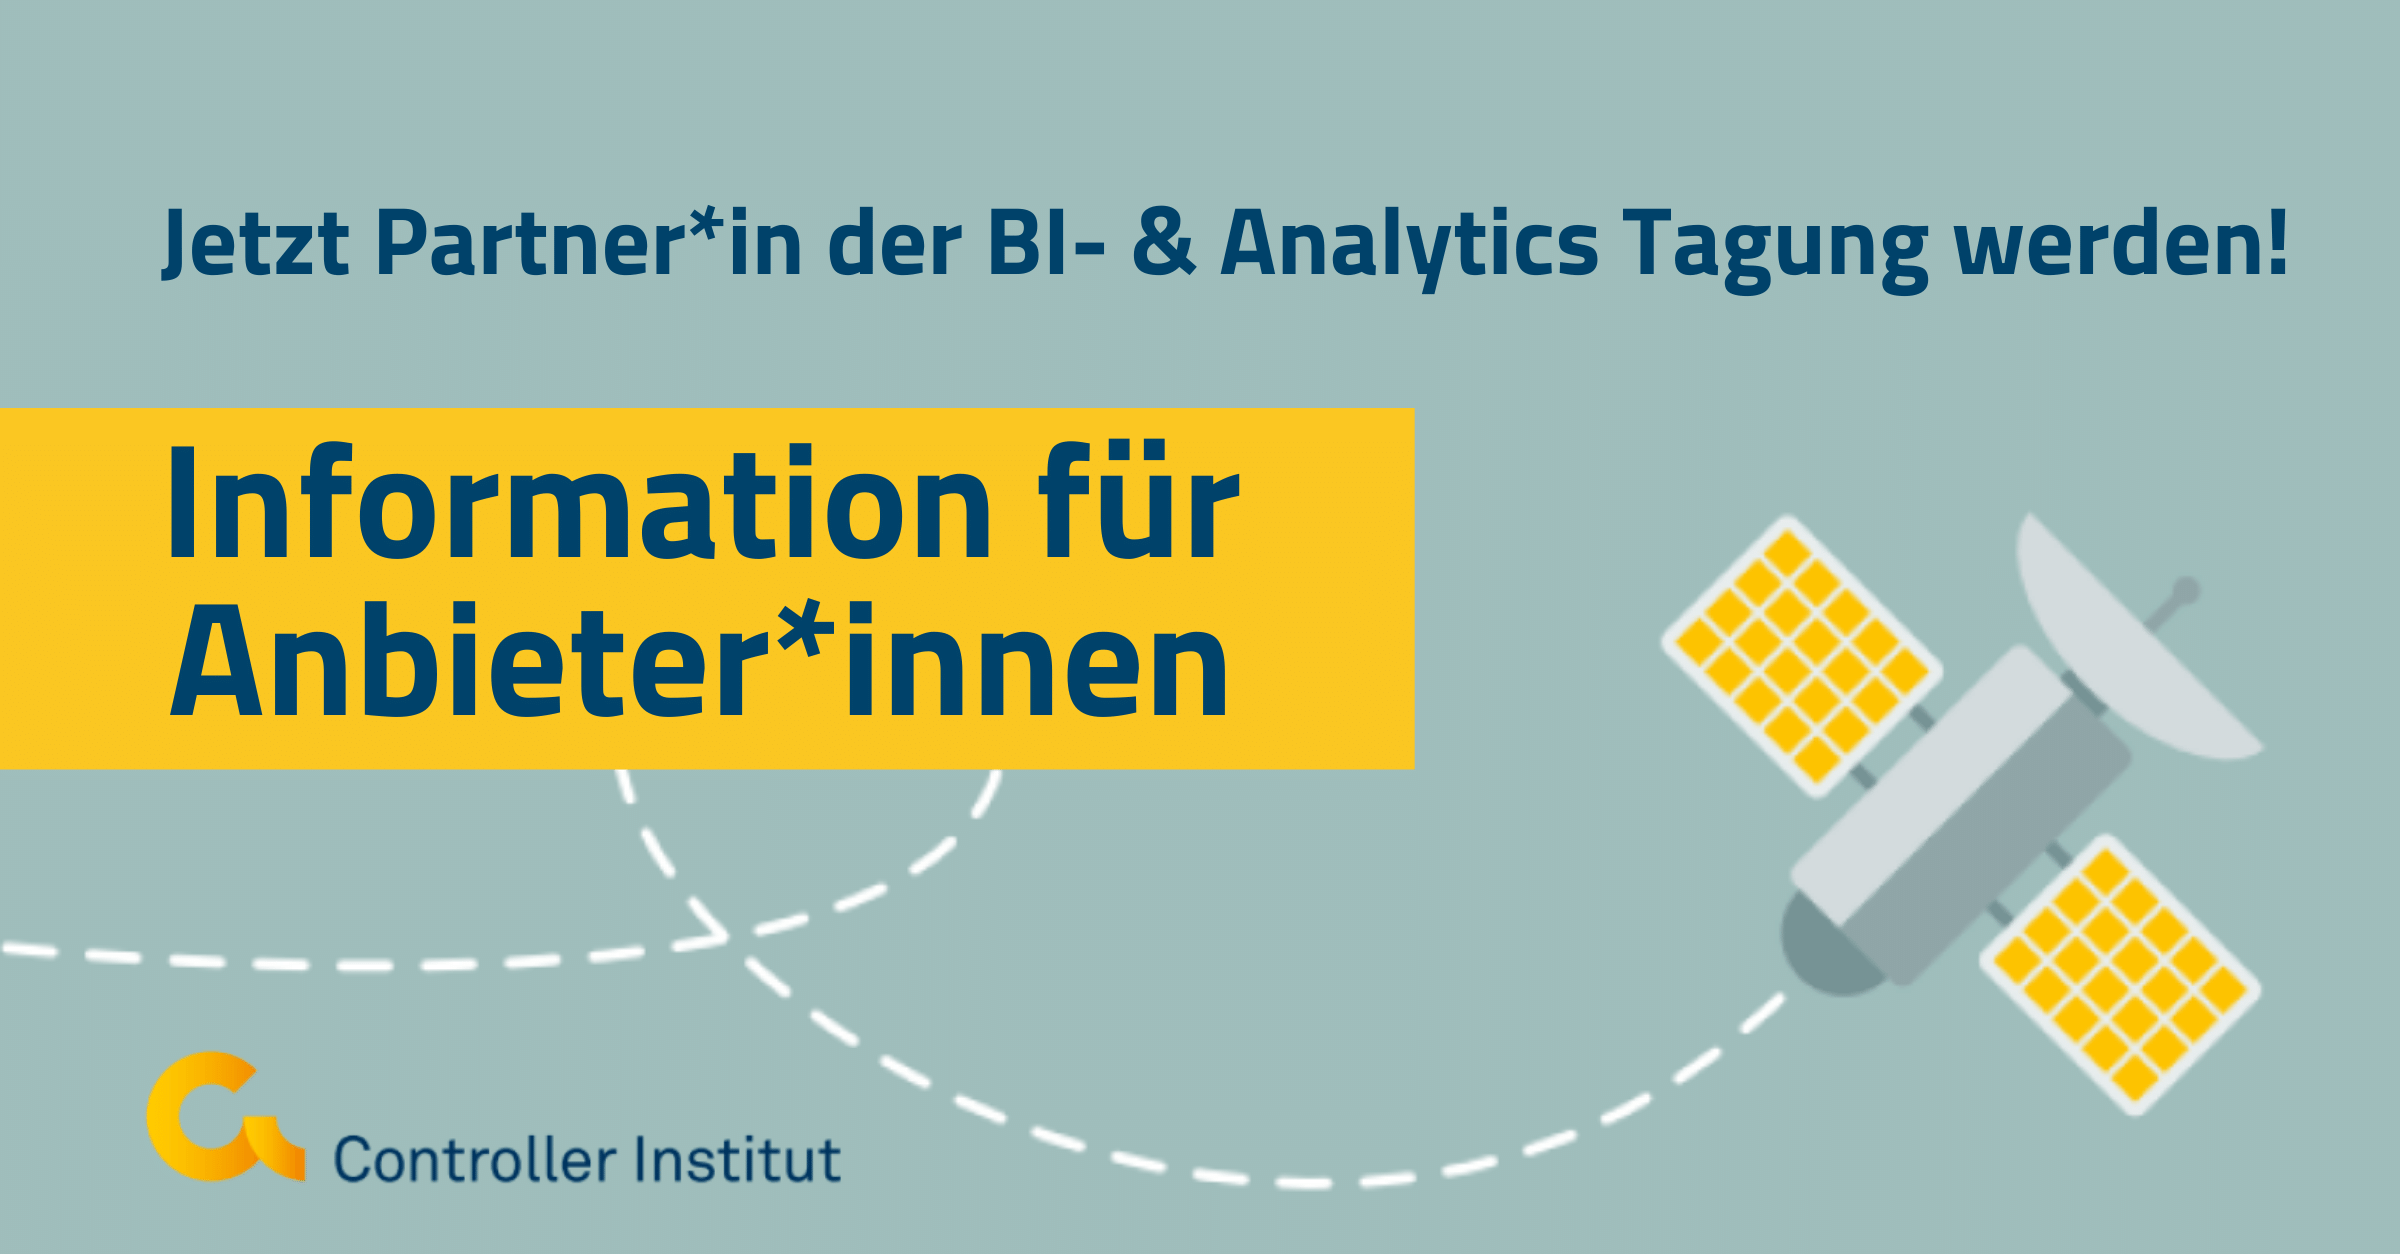 Jetzt Partner:in bei der BI- und Analytics Tagung von 23.-24.11. werden